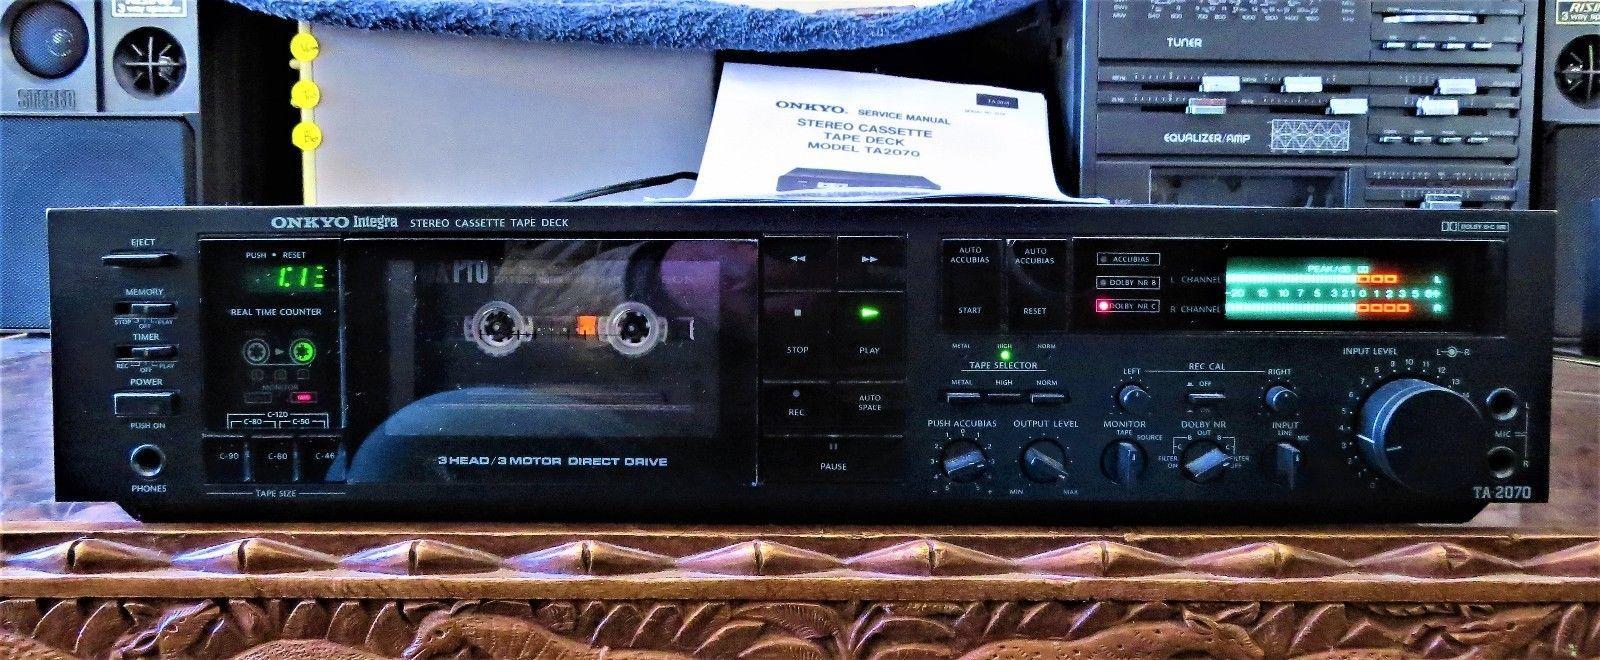 ONKYO Integra TA-2070 Cassette Tape Deck 3 Head 3 Motor